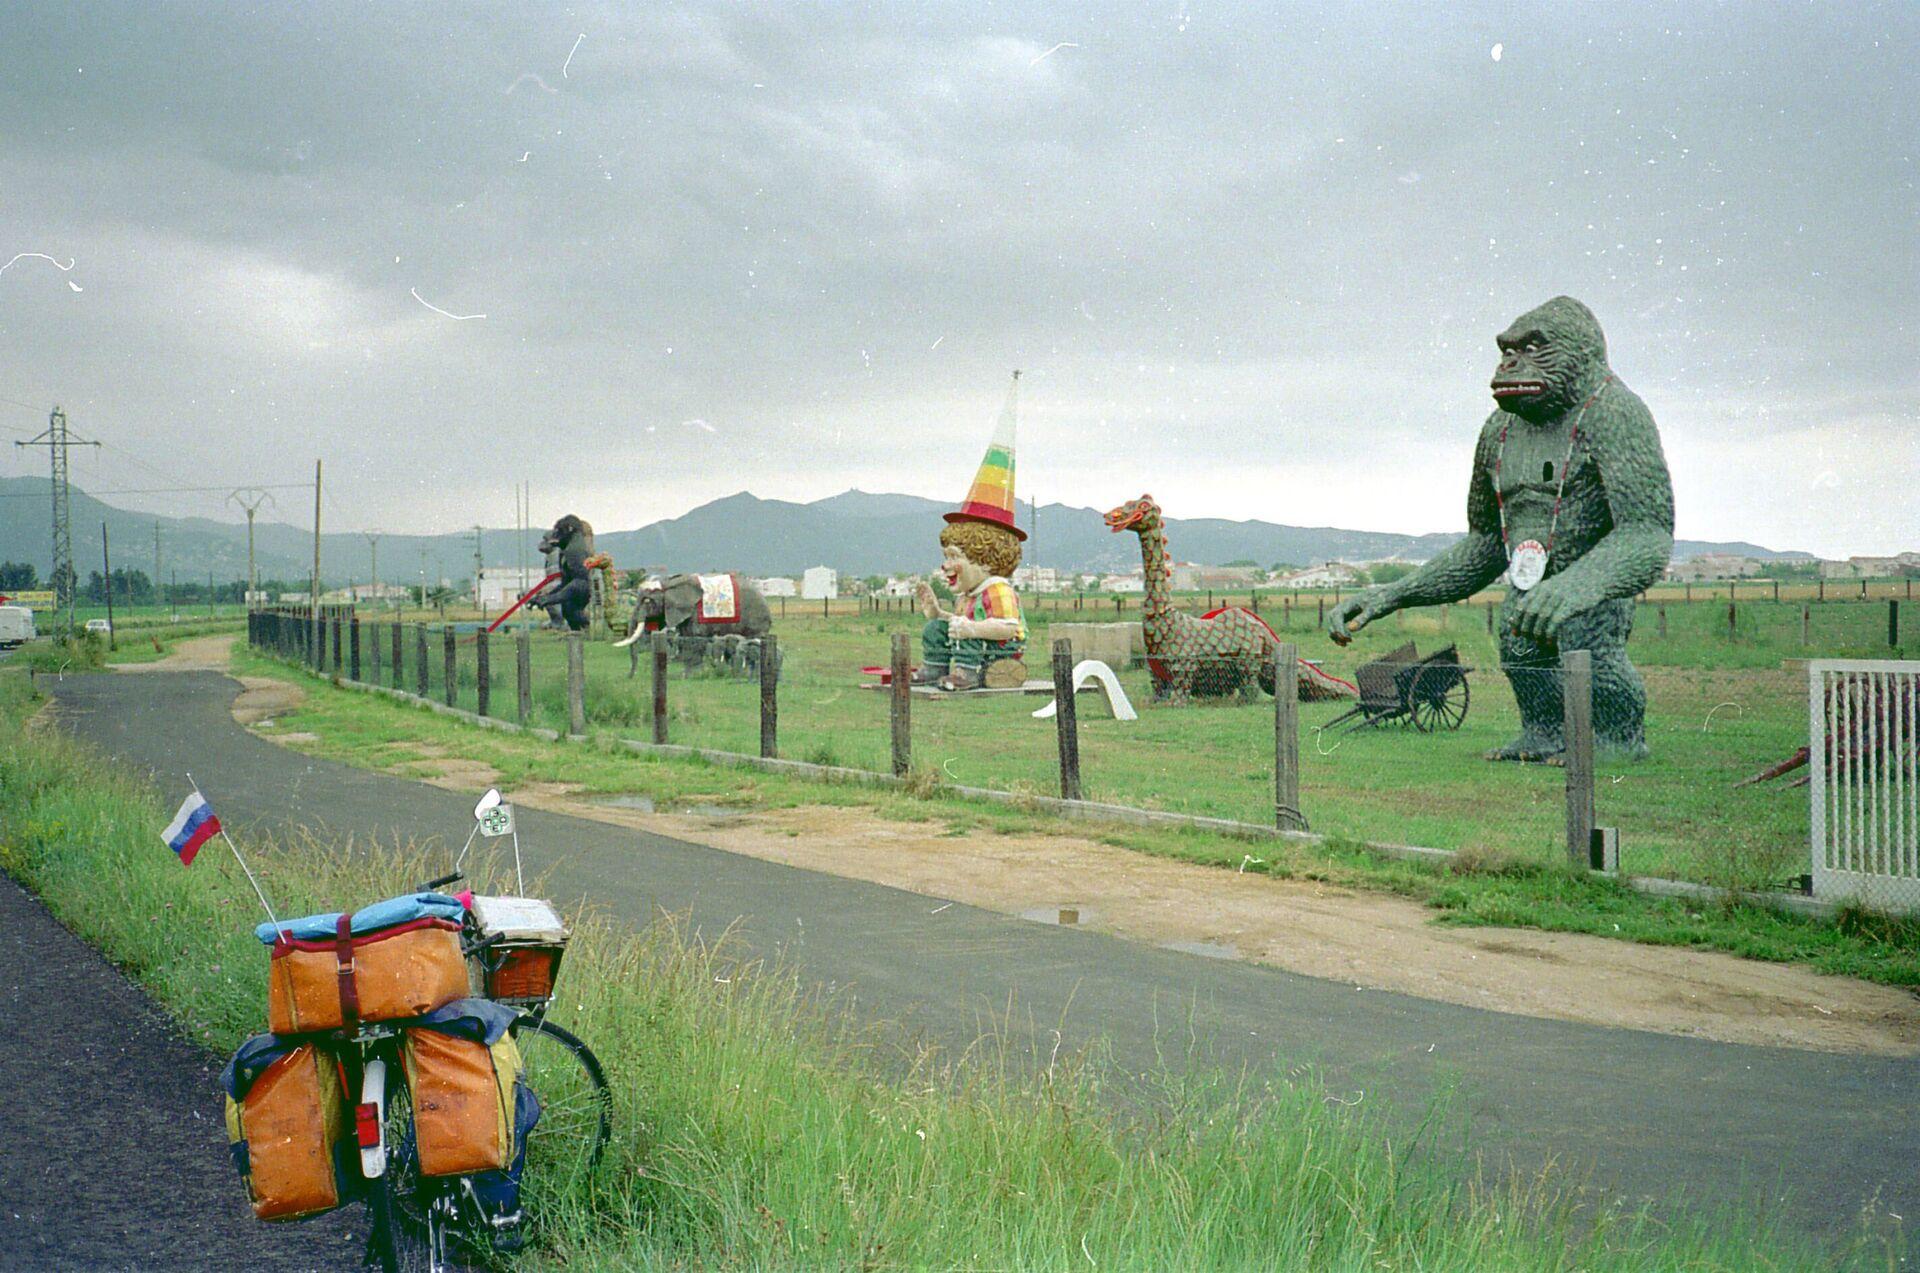 La bicicleta de Vladislav Ketov en España, 1992 - Sputnik Mundo, 1920, 11.02.2021